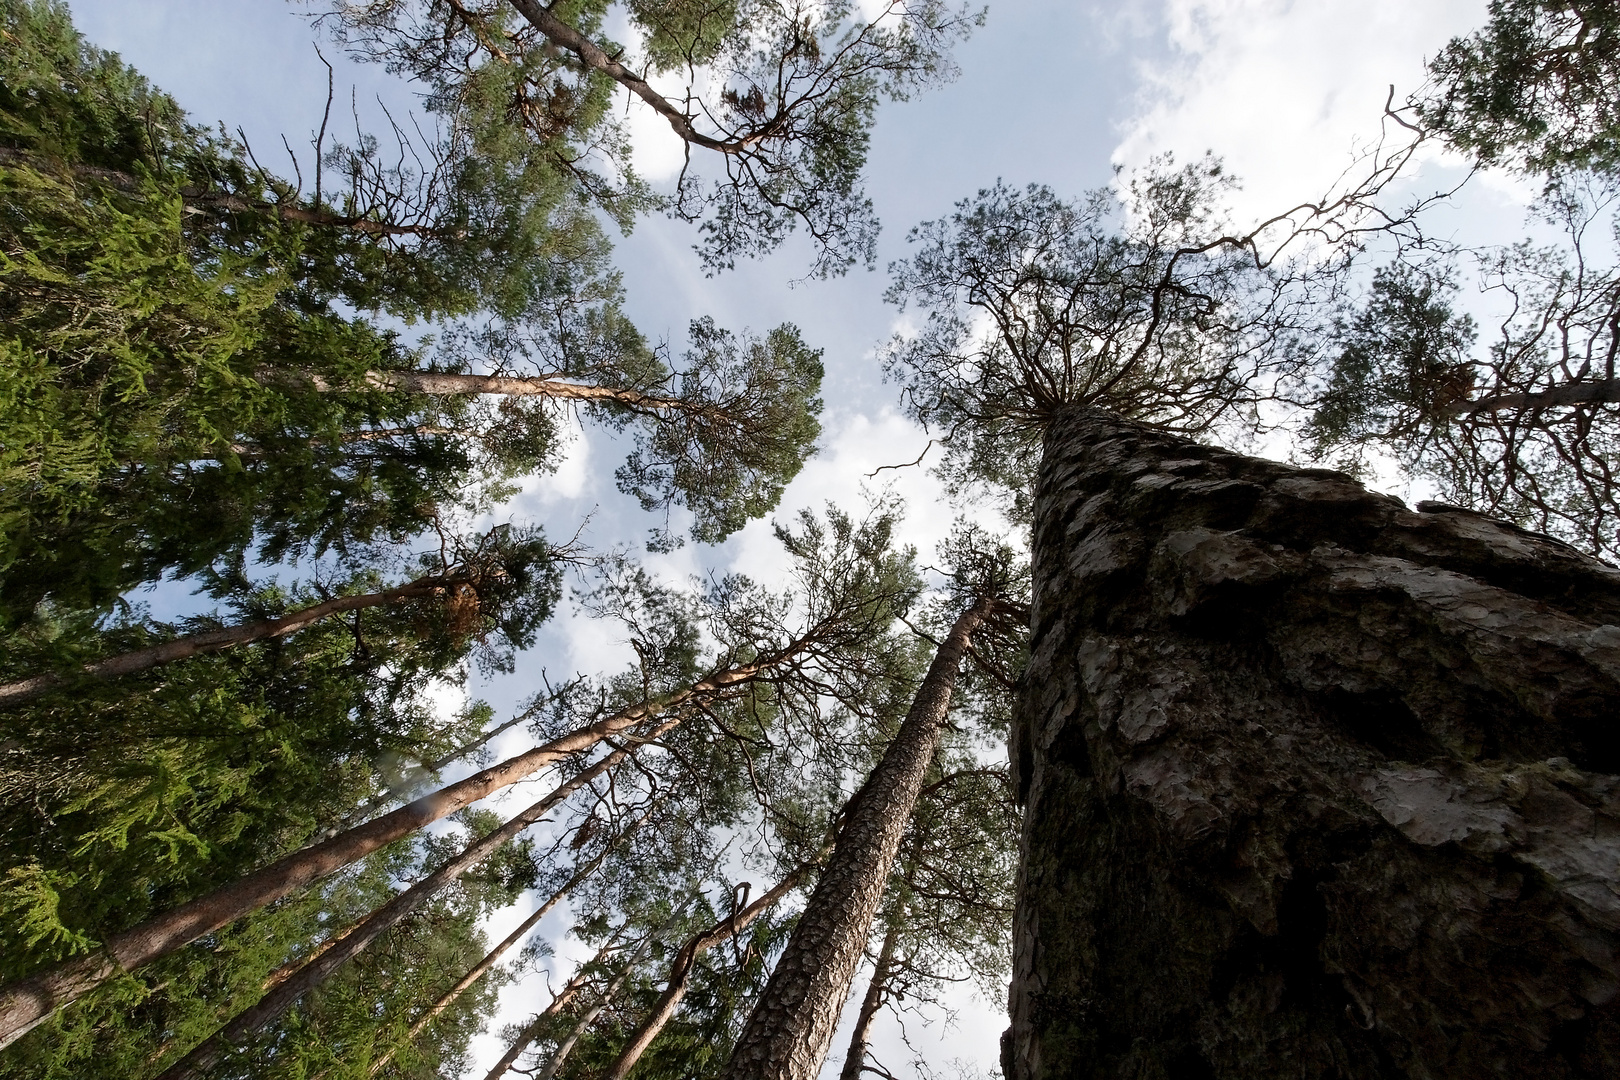 Urwald-Fichten, 250 Jahre alt